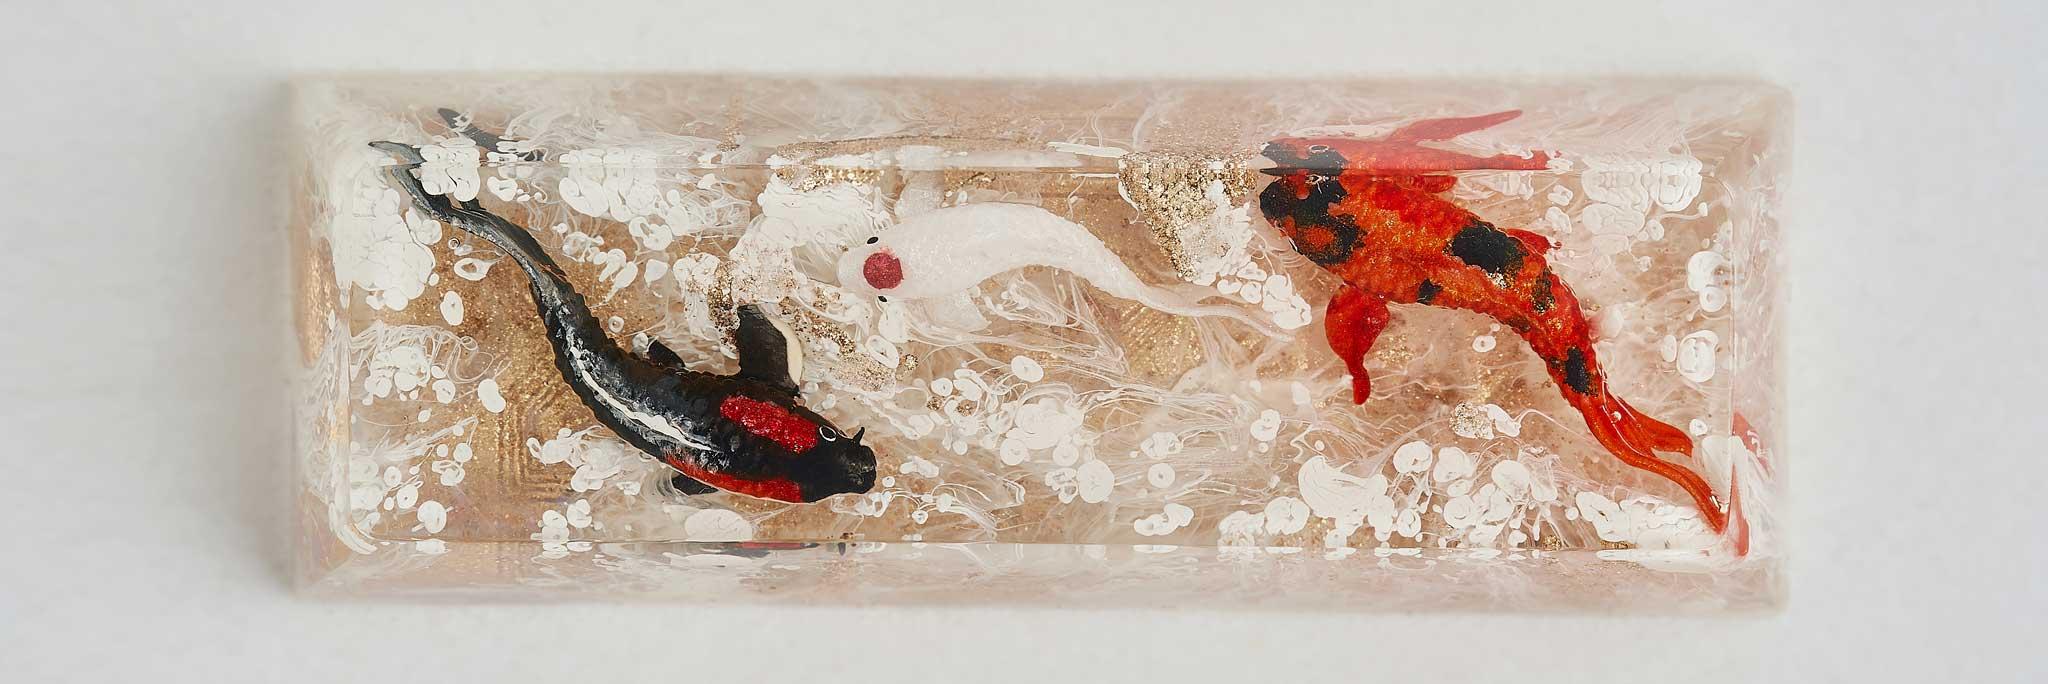 D7 1 Jelly Key Zend Pond Keycaps923